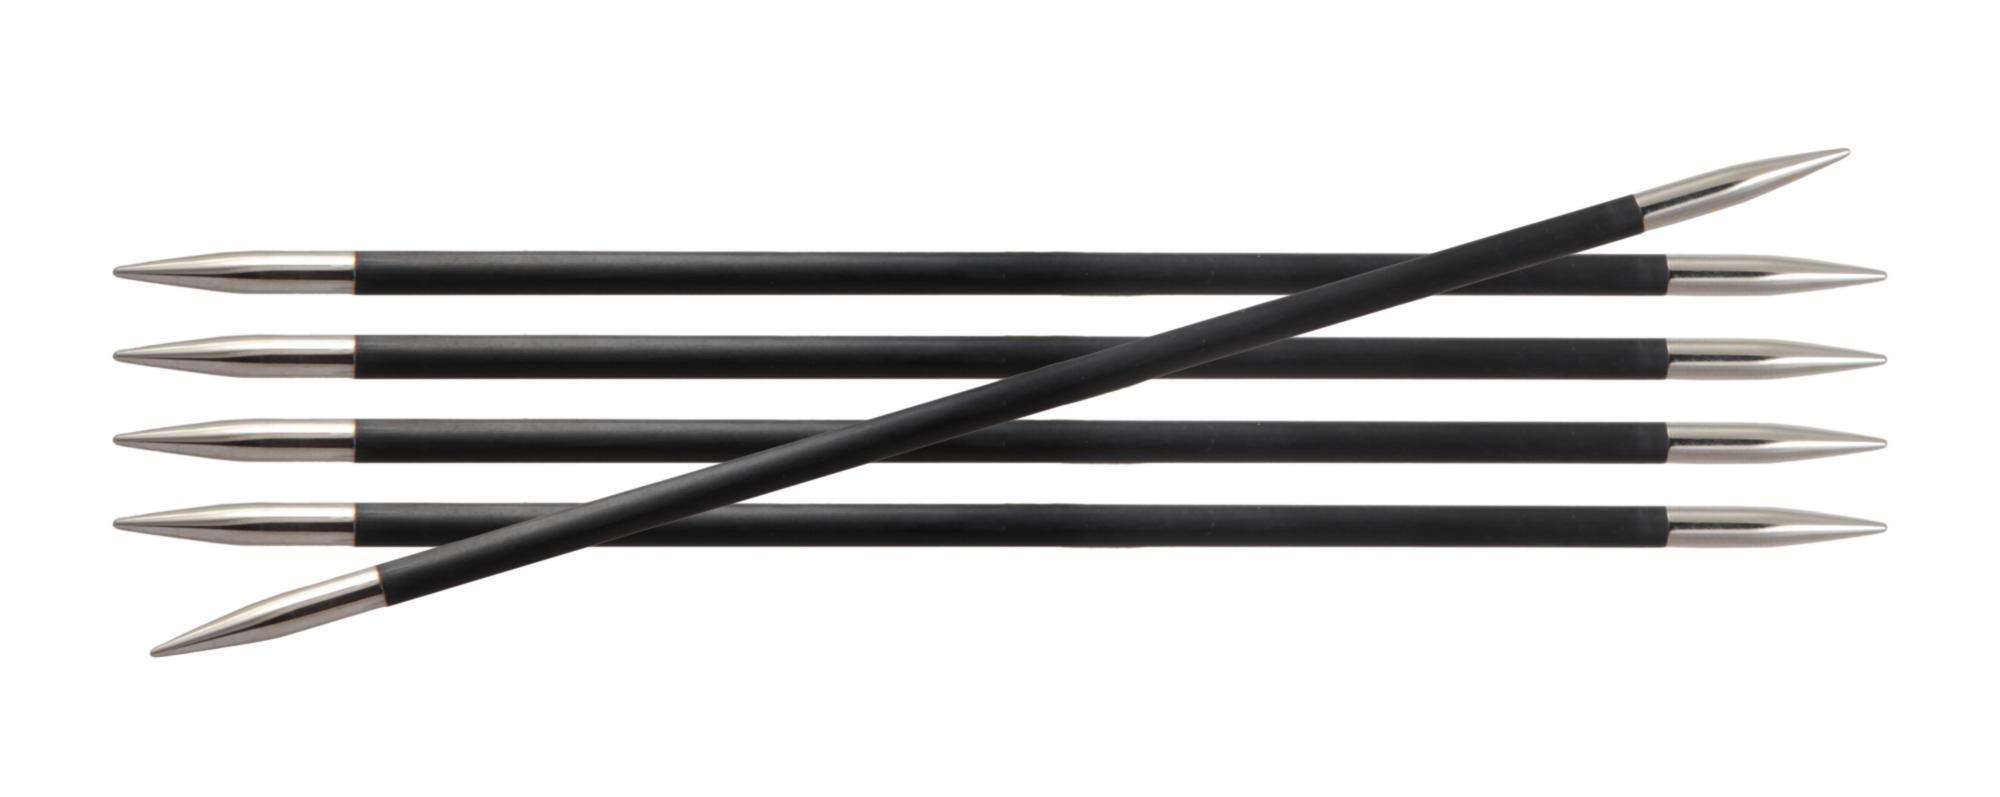 Спицы носочные 15 см Karbonz KnitPro, 41107, 2.50 мм